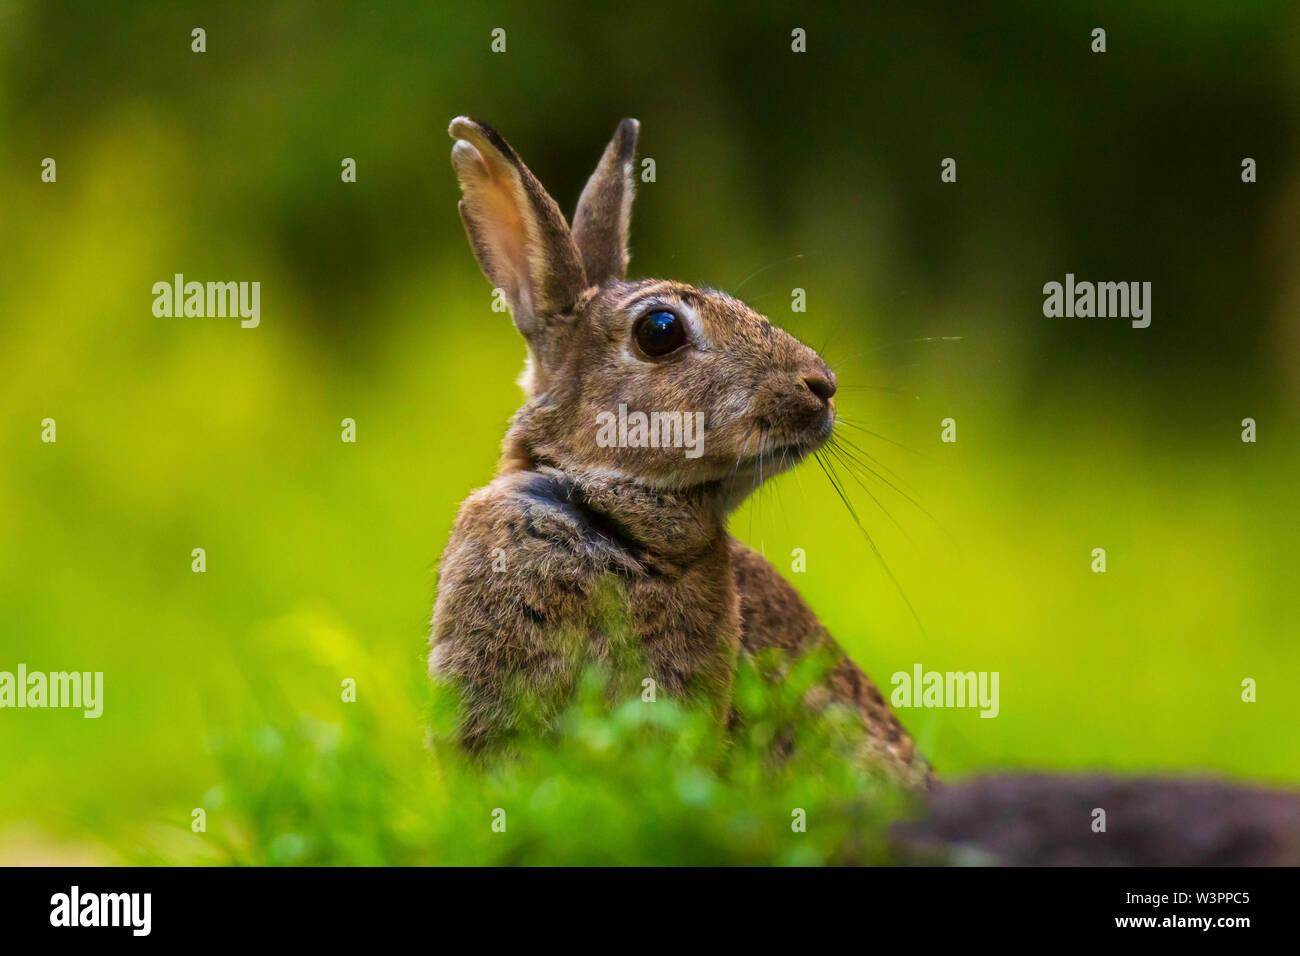 Libre d'un lapin sauvage Oryctolagus cuniculus sur la montre se cacher dans l'herbe dans une forêt Photo Stock